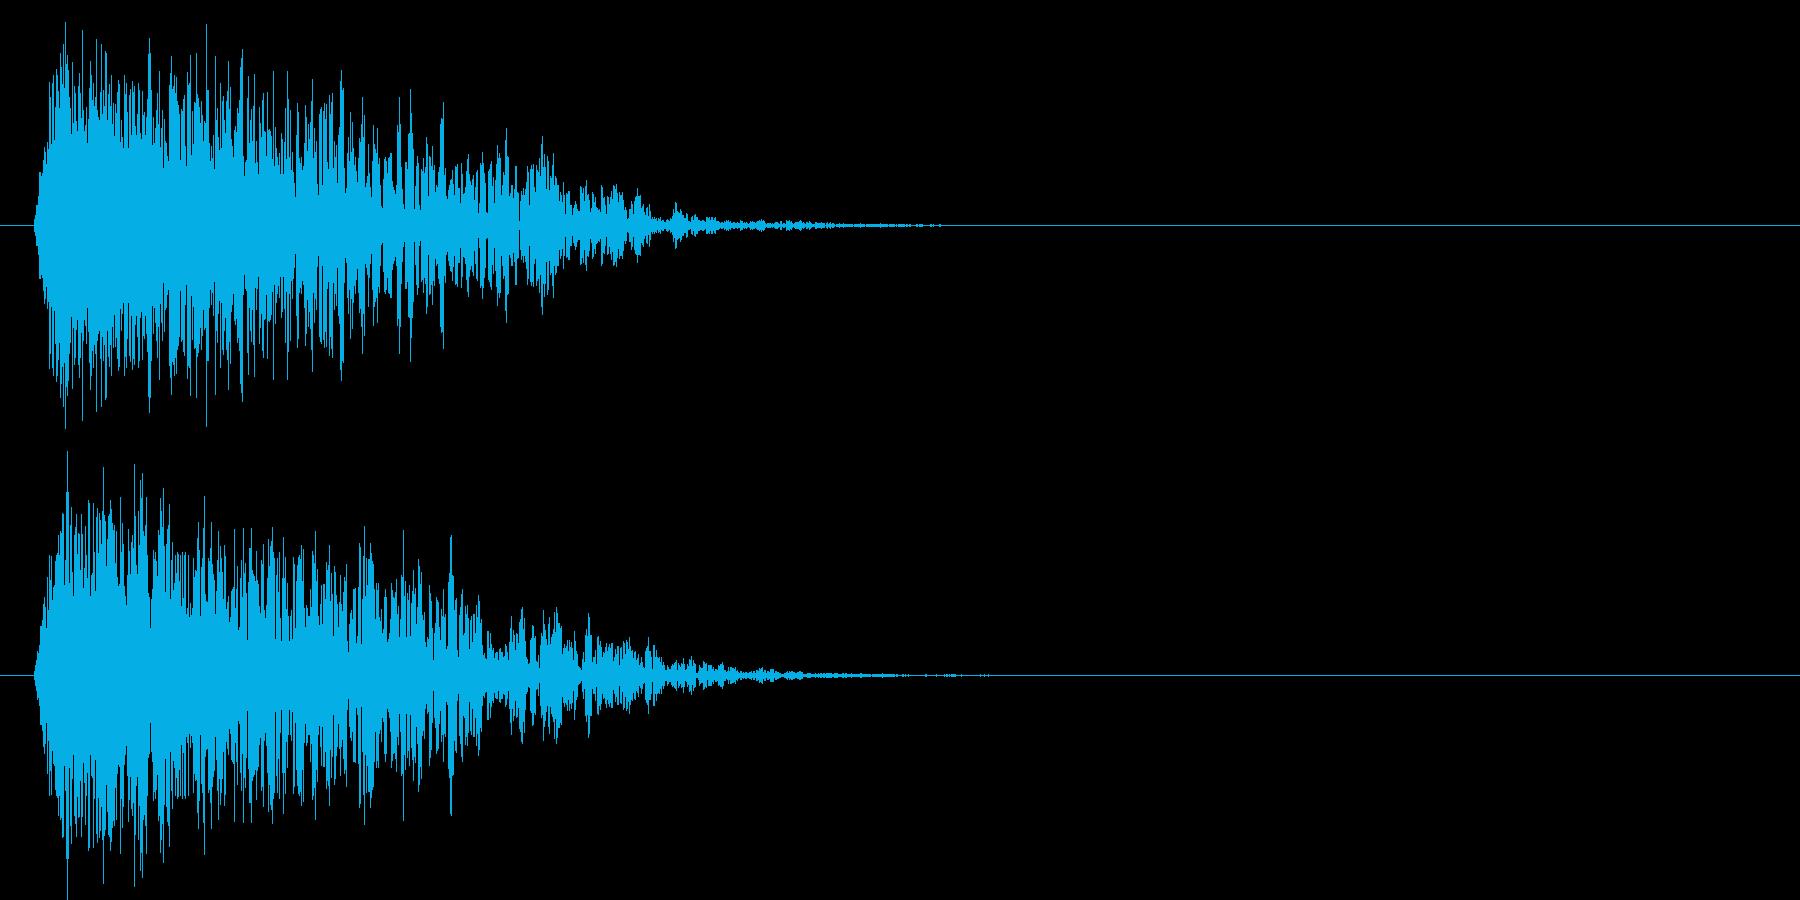 シュァキーン(ダークな斬撃音)の再生済みの波形